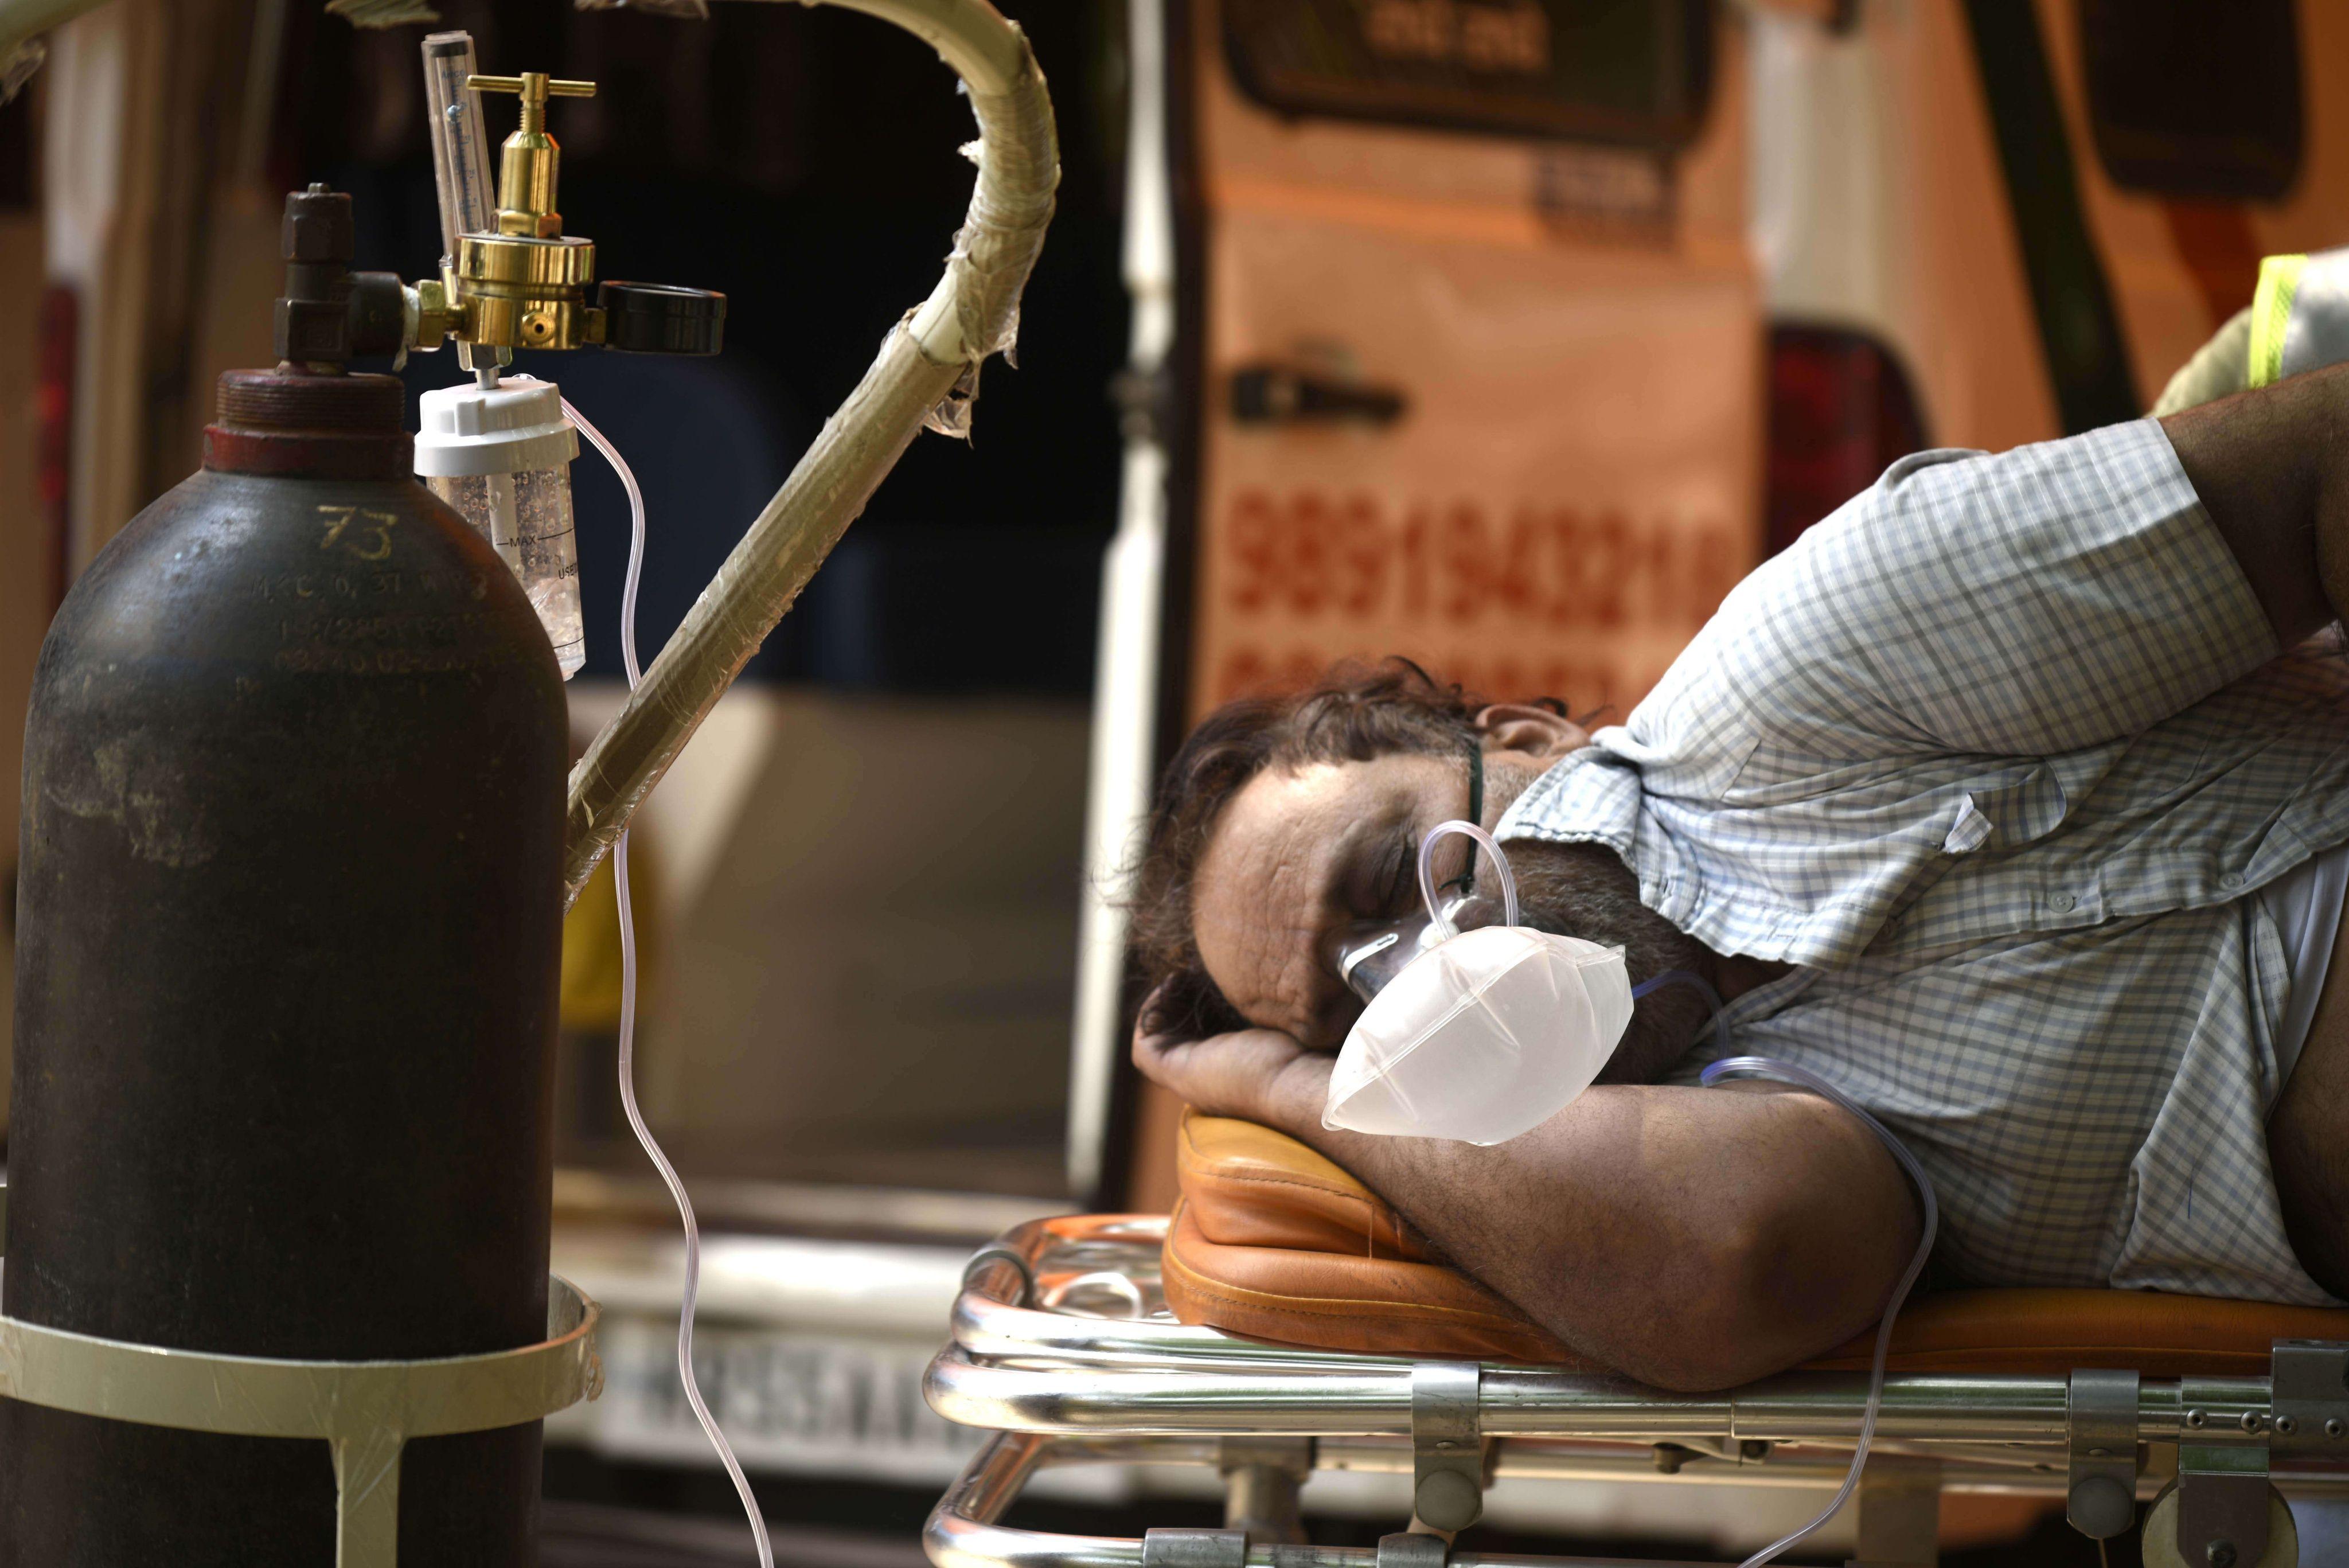 Les hôpitaux indiens saturés et à court d'oxygène peinaient toujours à sauver des malades ce lundi 3 mai 2021